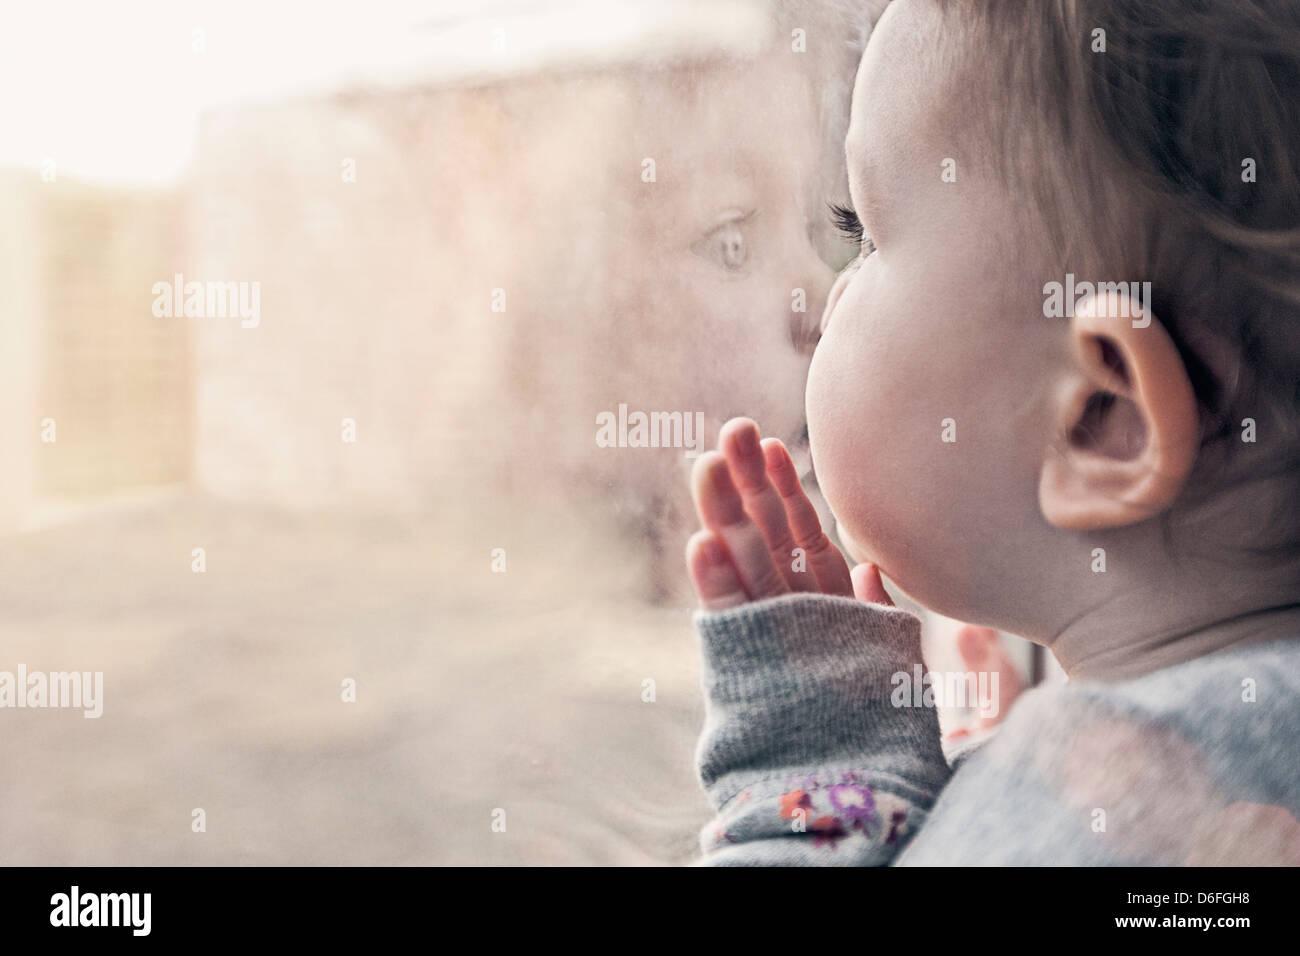 Carina ragazza infantile a guardare fuori dalla finestra Immagini Stock